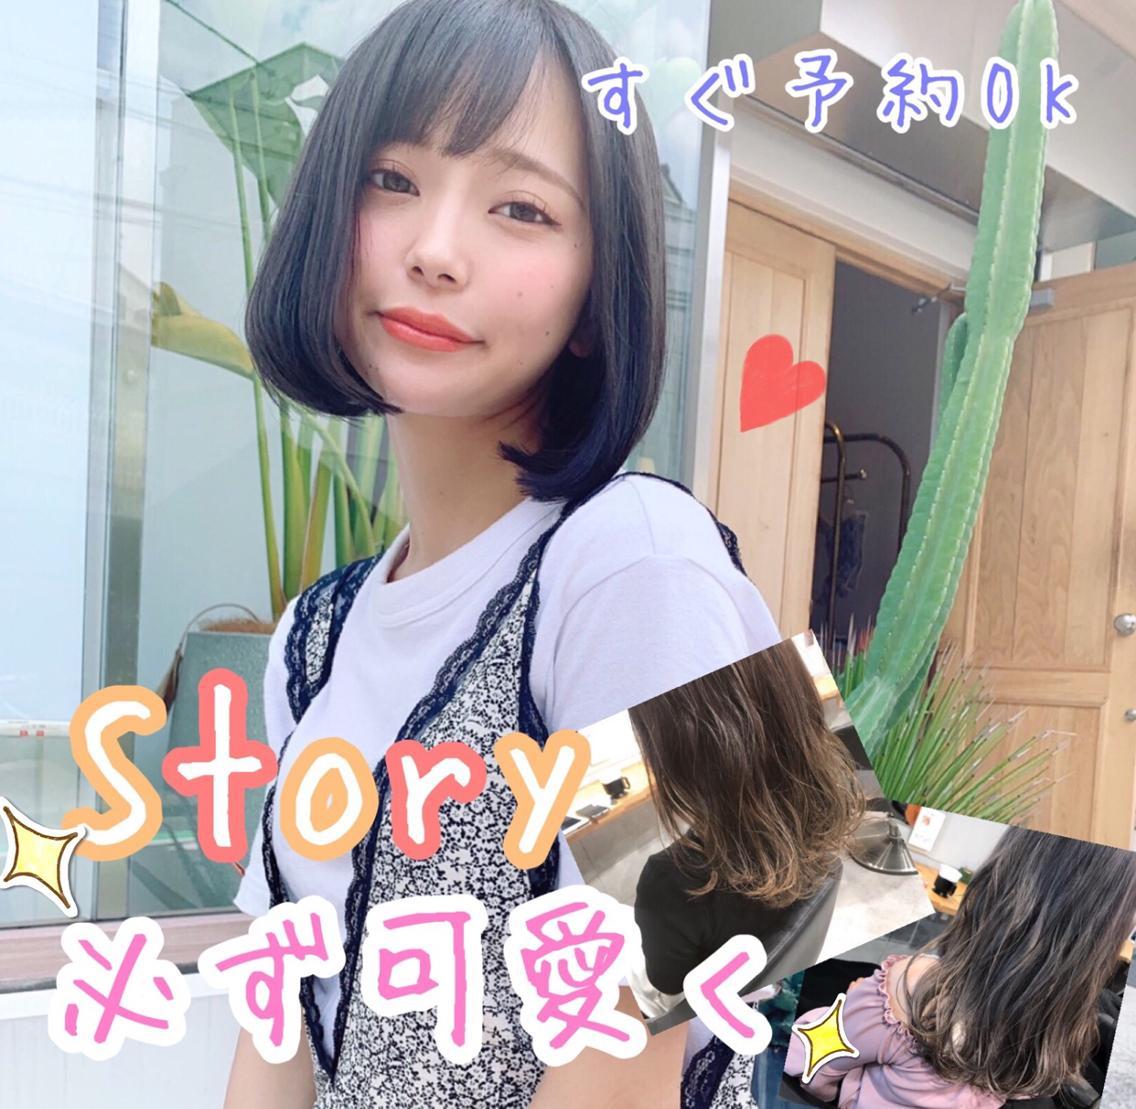 Story所属・💗必ず可愛く💗【Atsuya.】の掲載